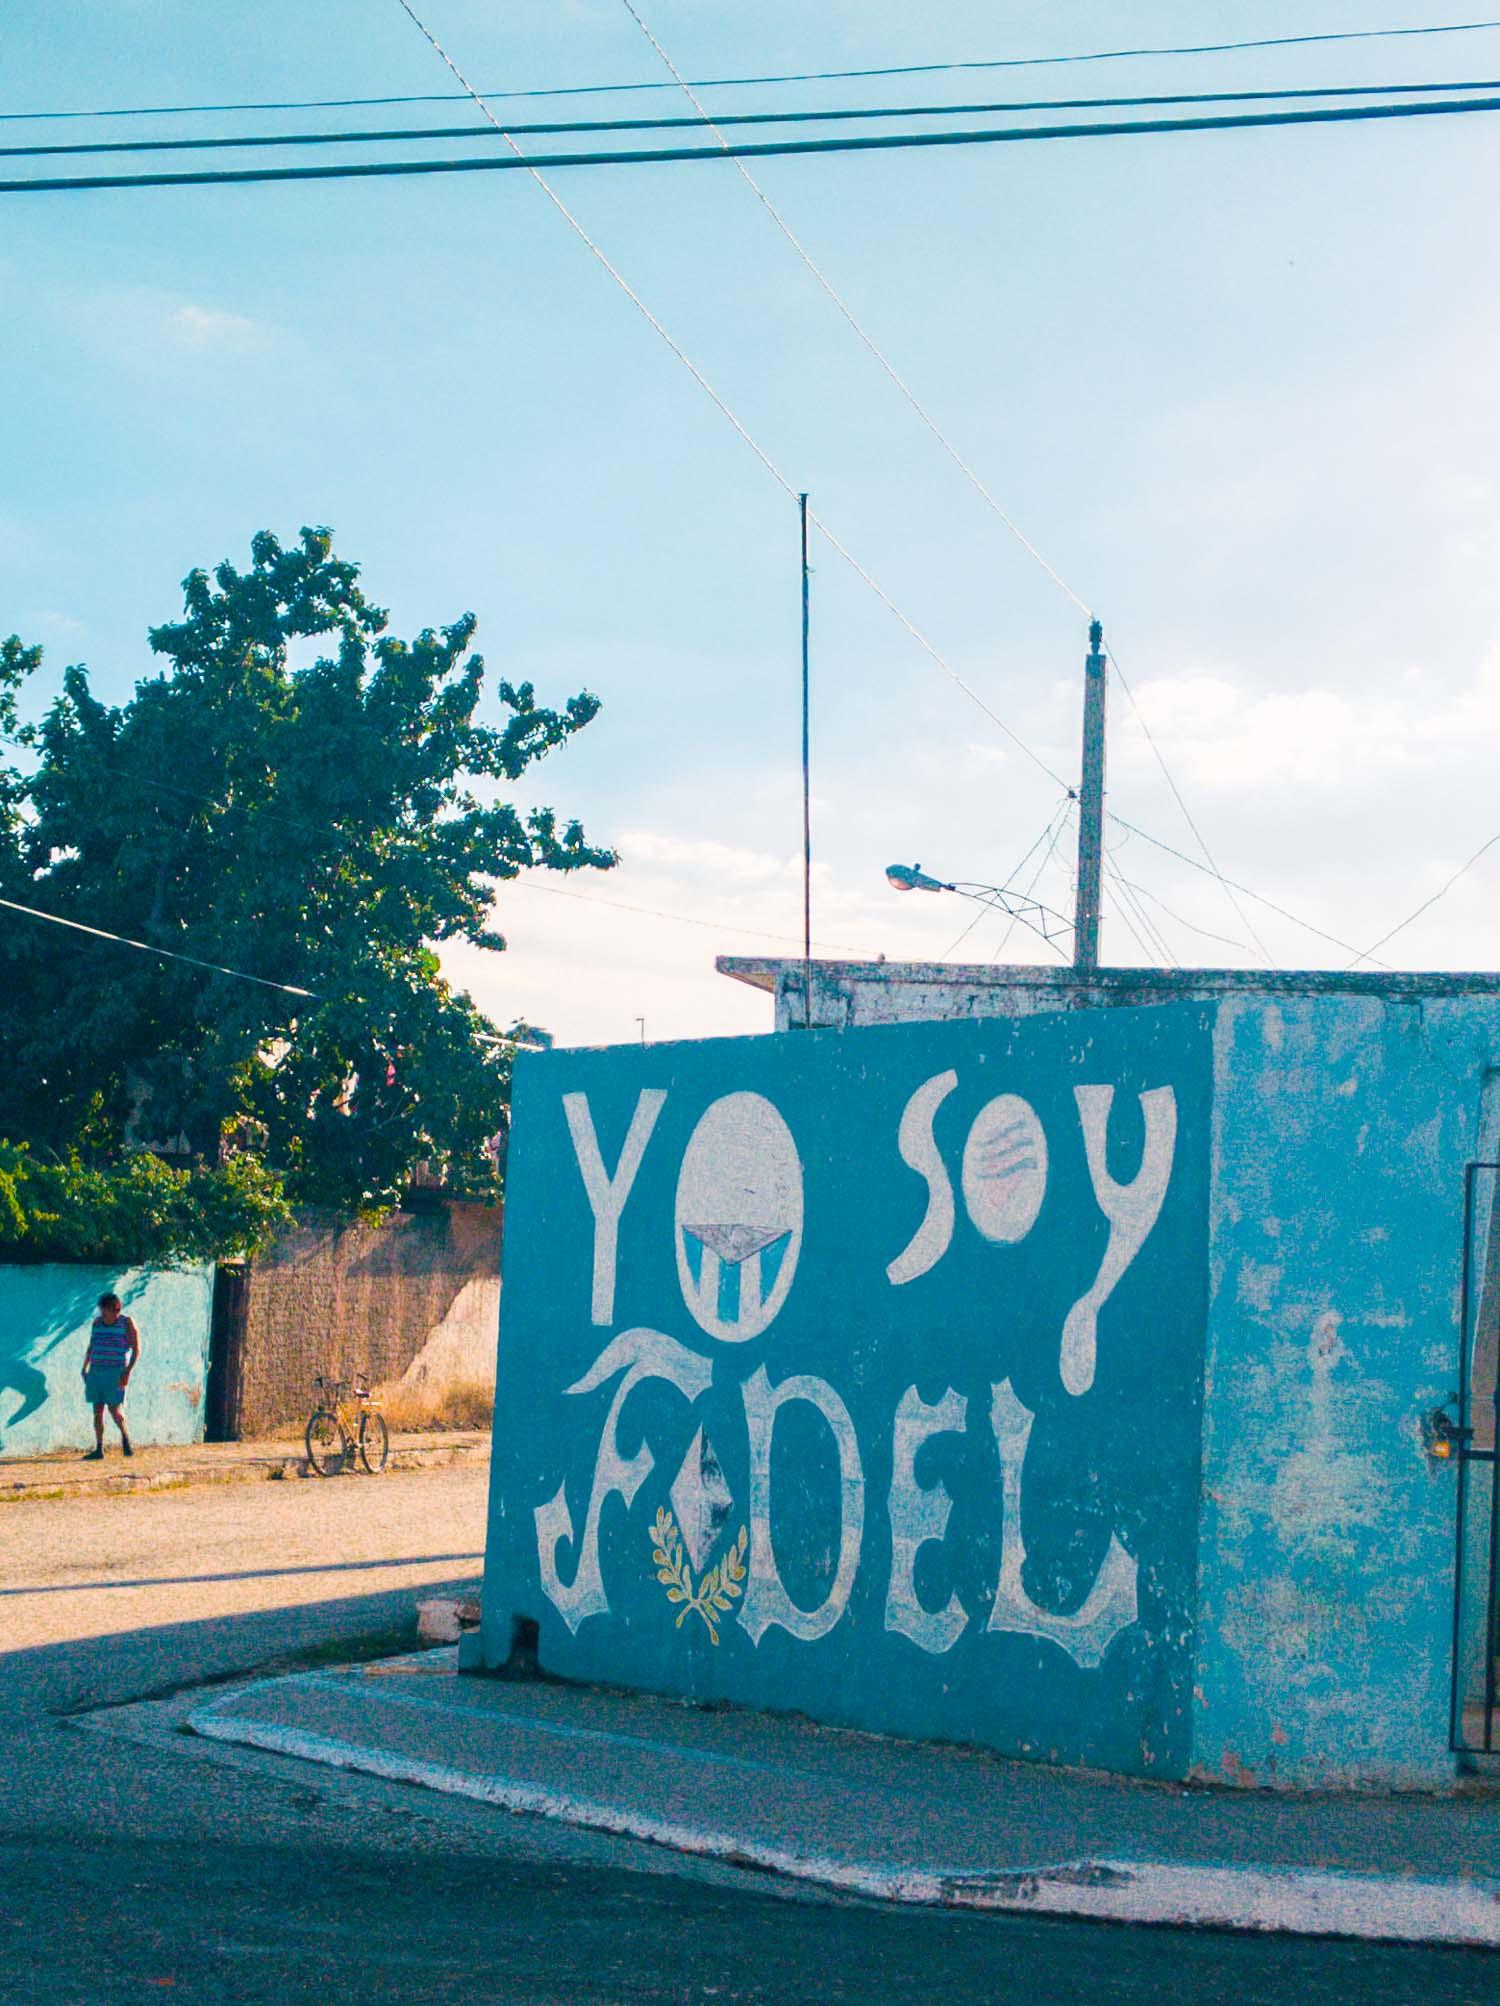 Trinidad yo soy Fidel sign.